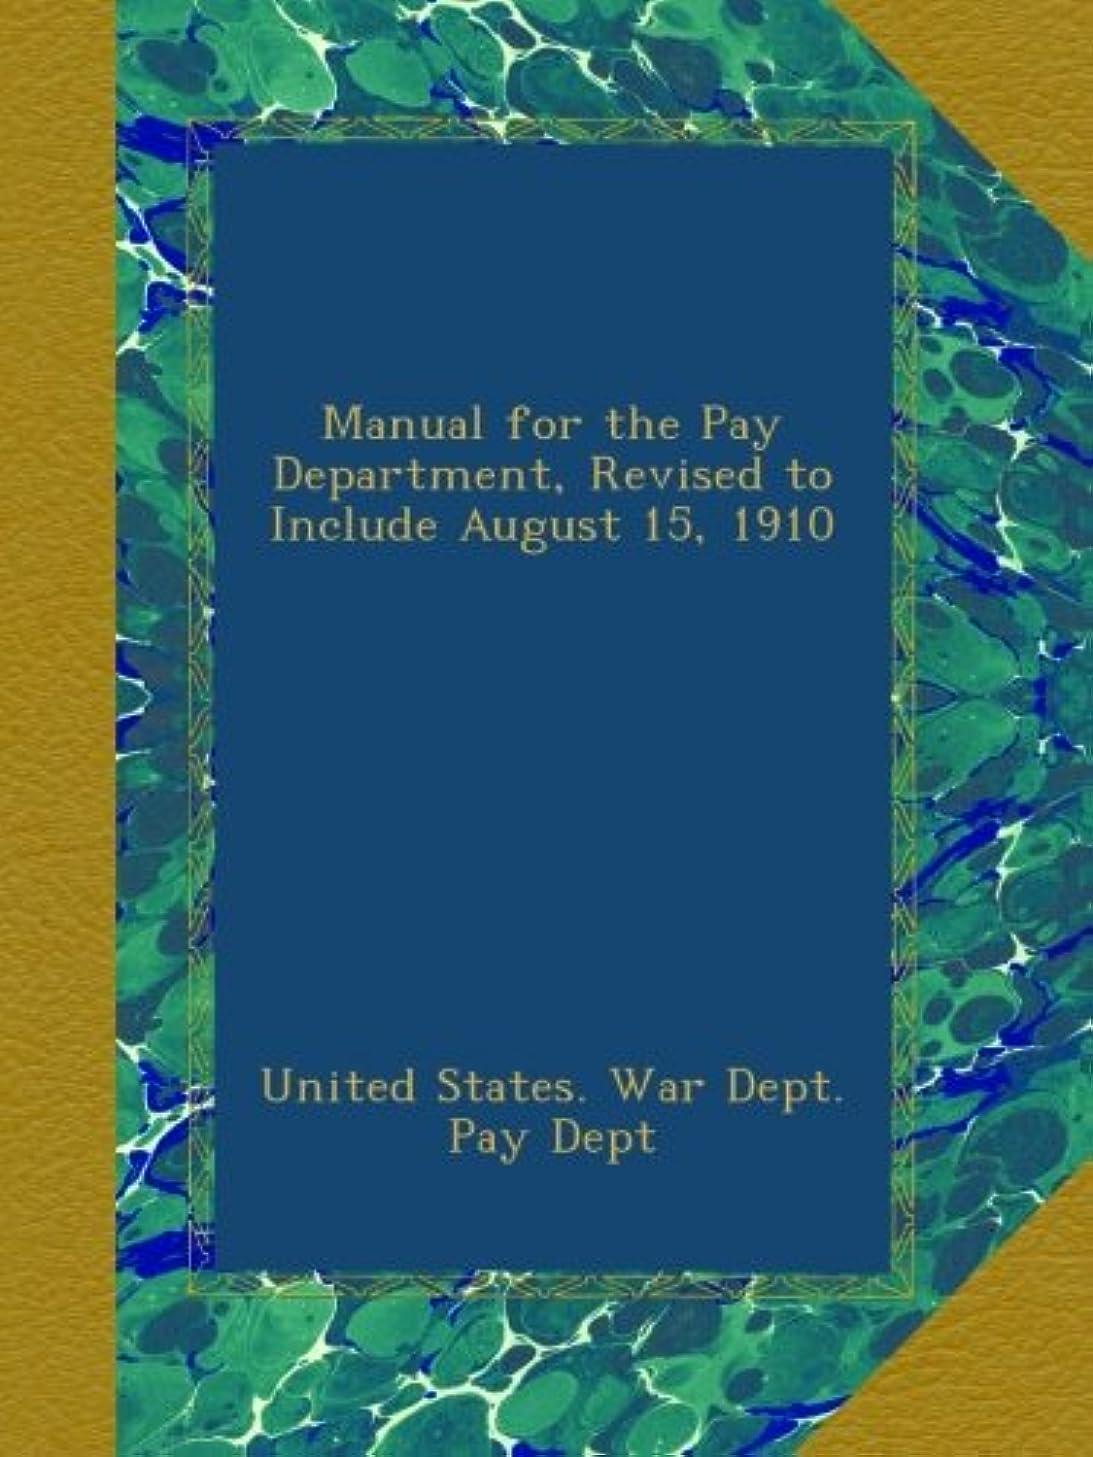 飾るだますバングManual for the Pay Department, Revised to Include August 15, 1910